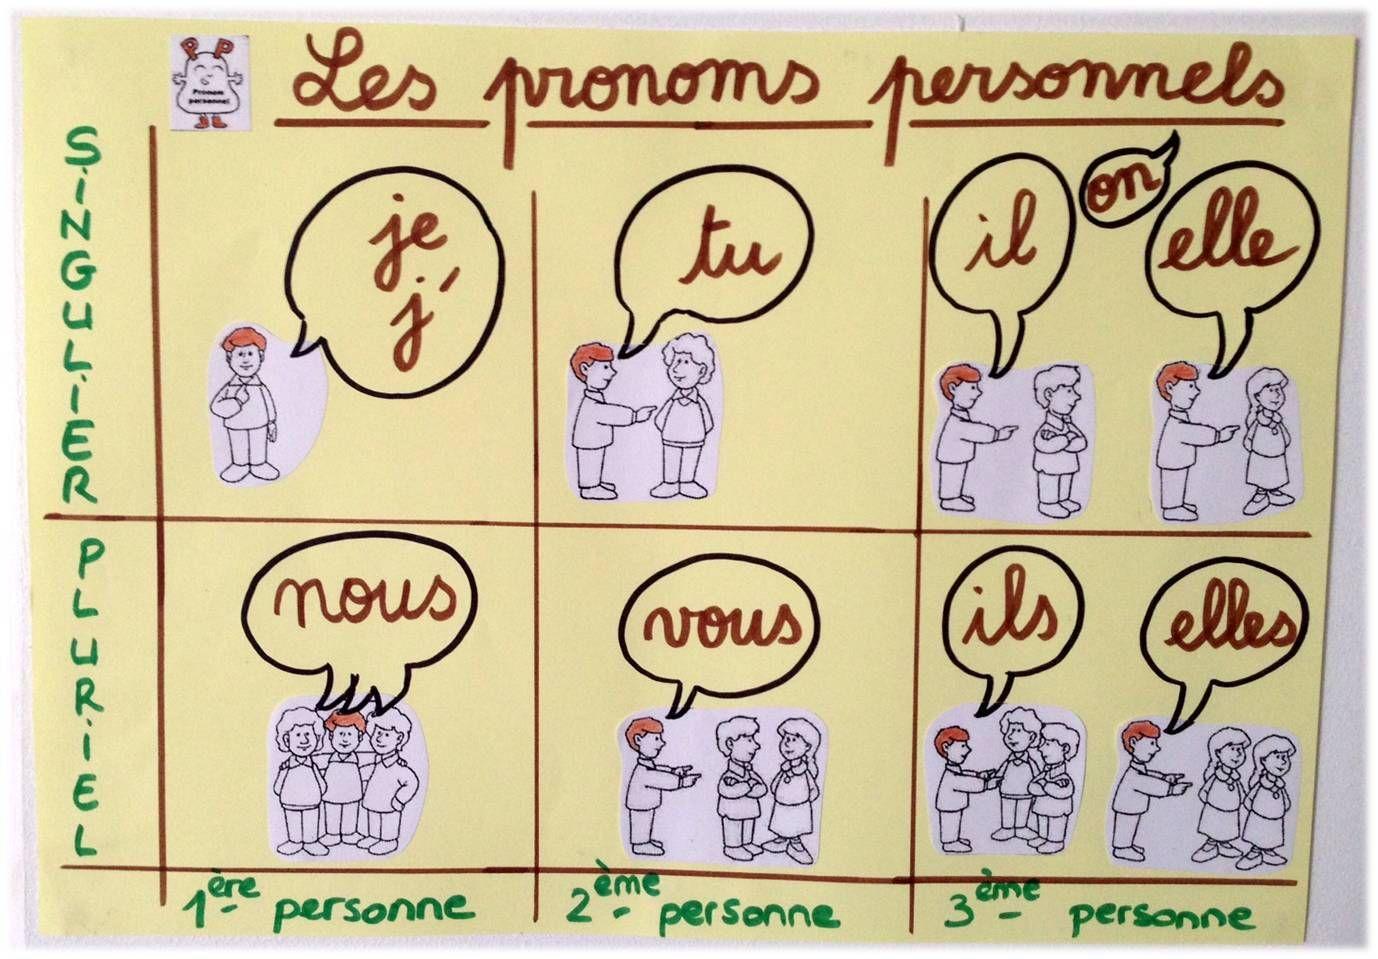 pronom personnel | Pronom personnel, Pronom personnel sujet et L'enseignement du français